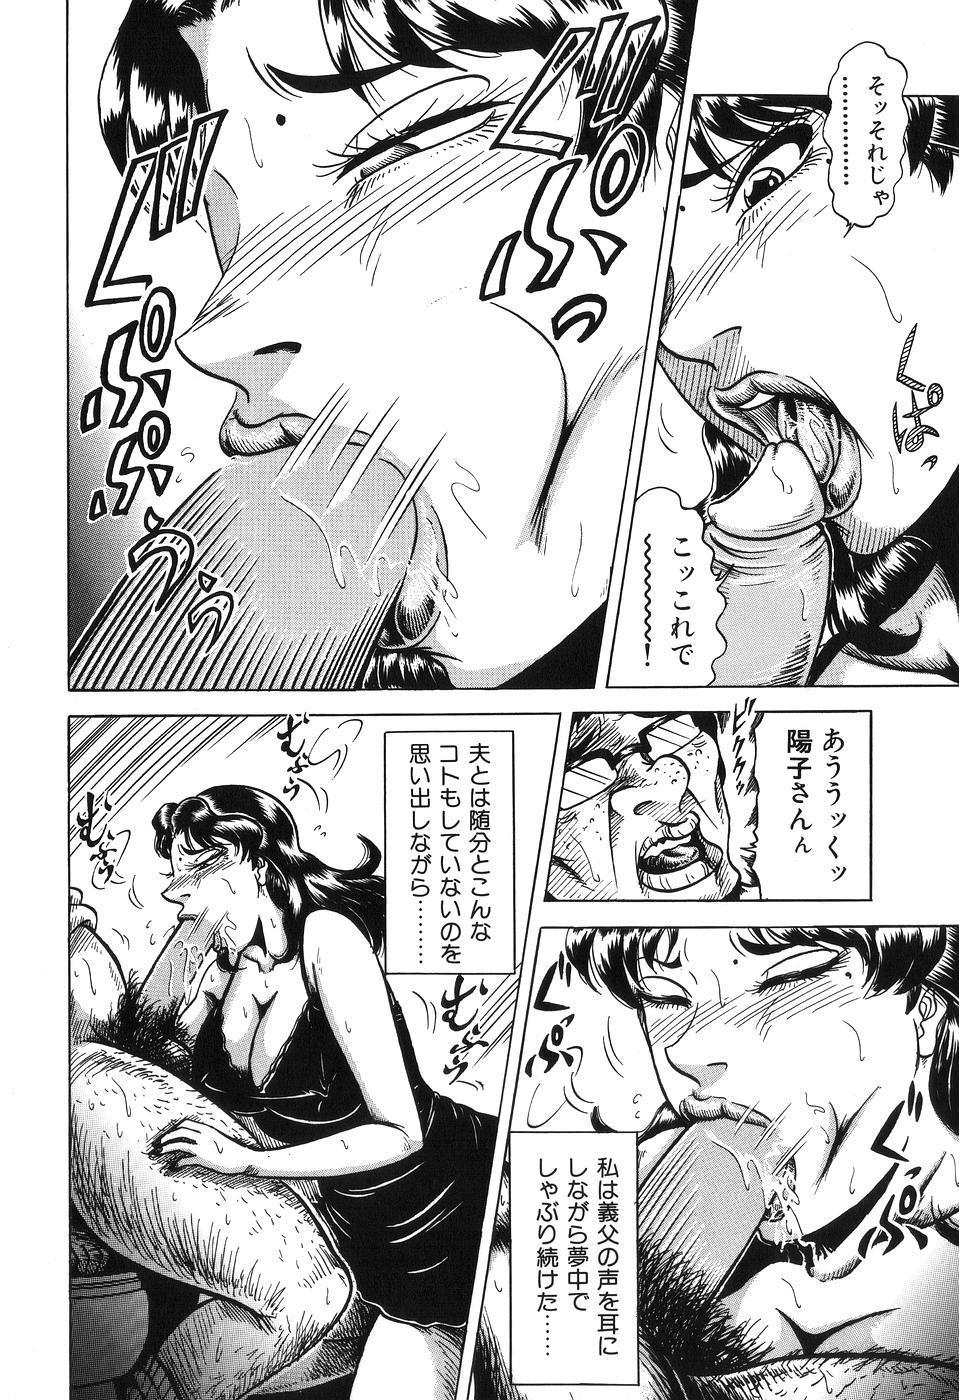 Jukubo Soukan Yosoji no Tawamure 45